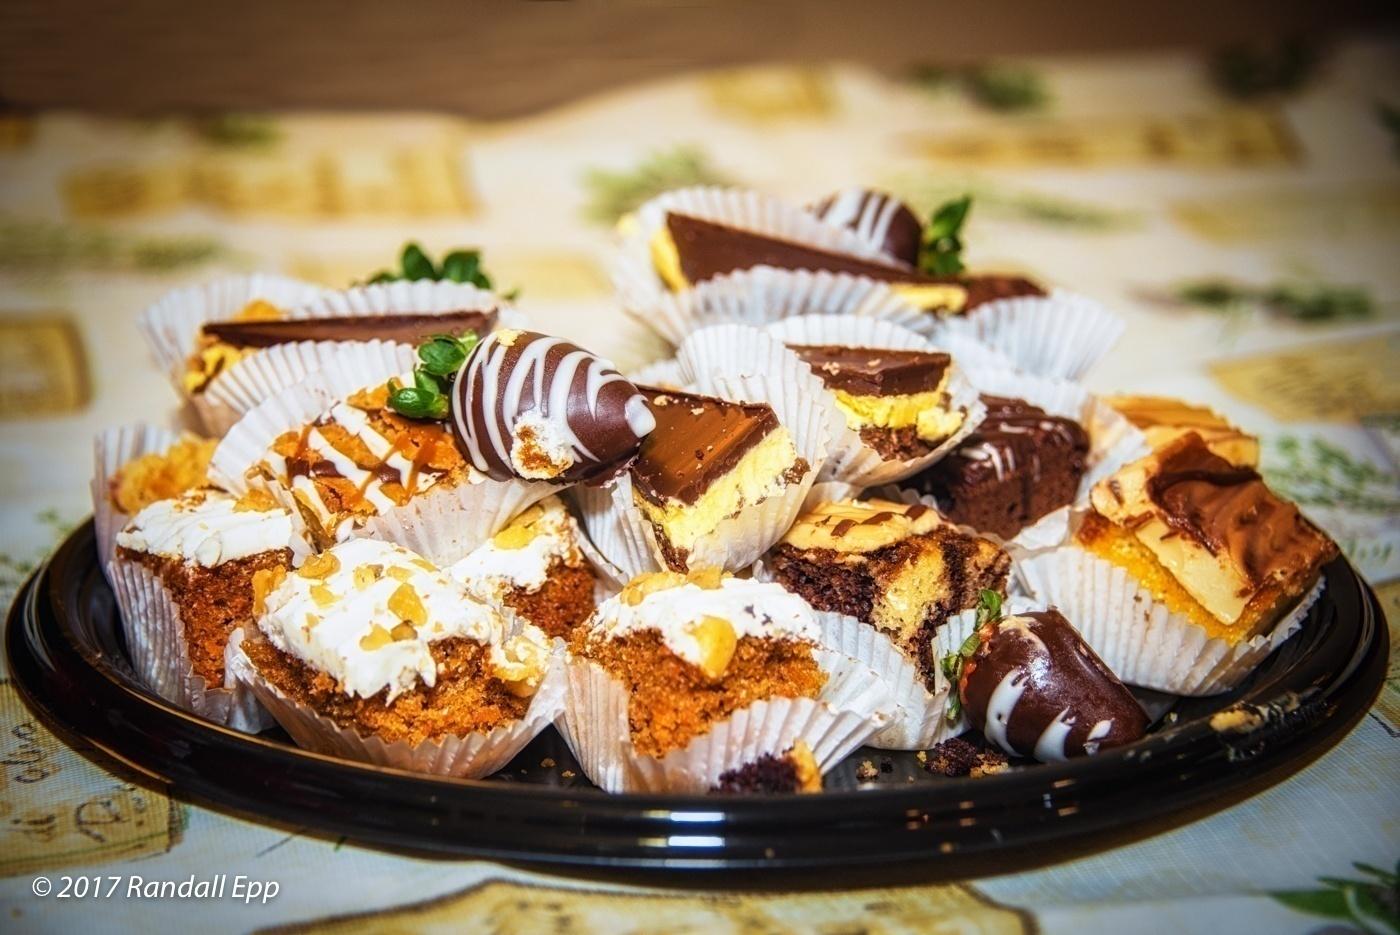 Closeup of dessert